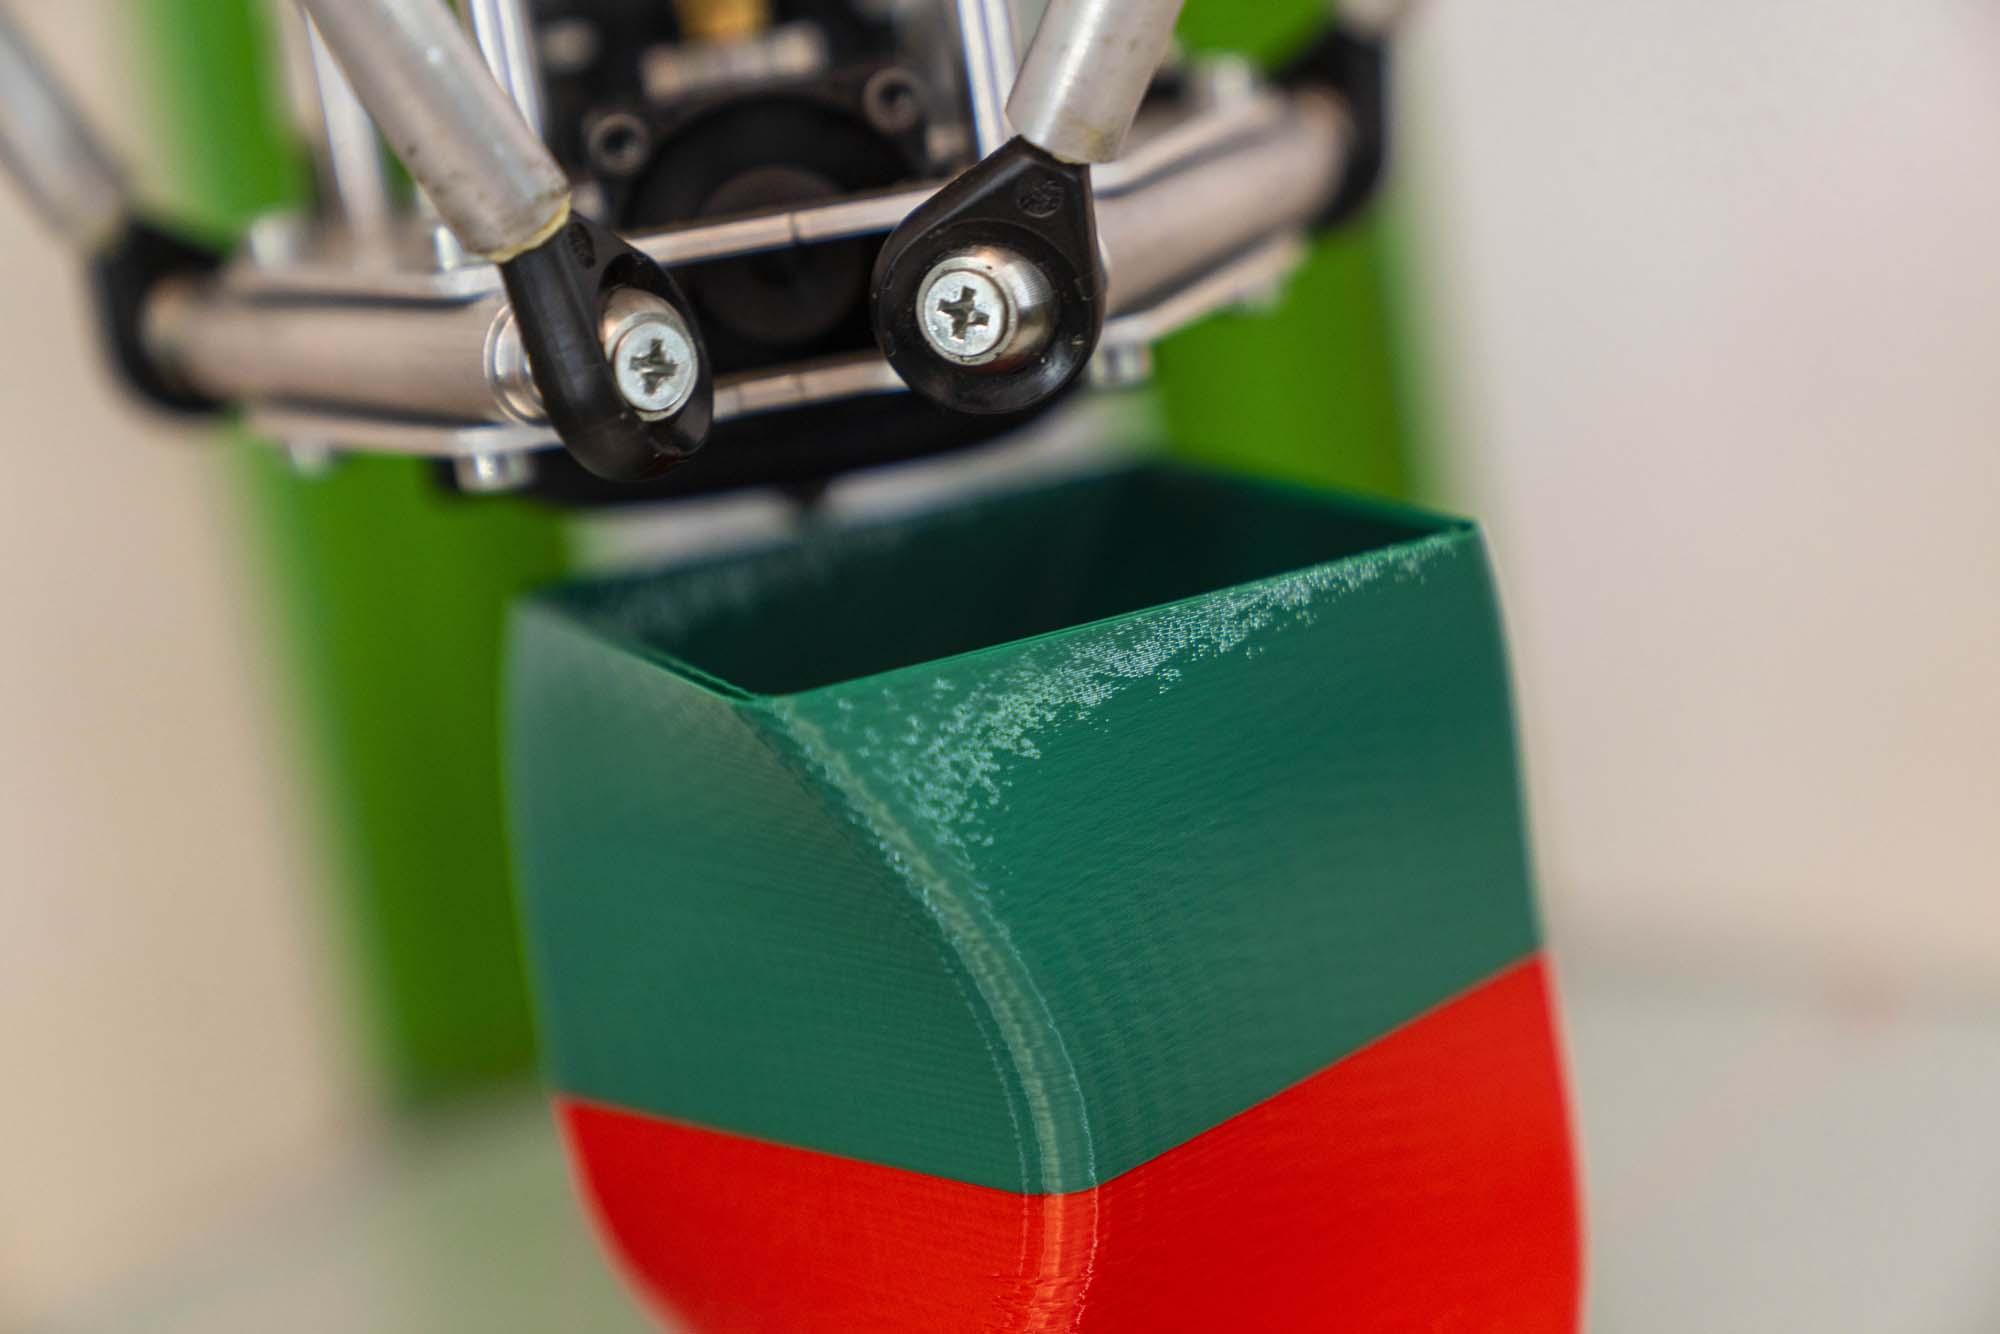 Stampa 3D Torino, Stampa 3d a Torino